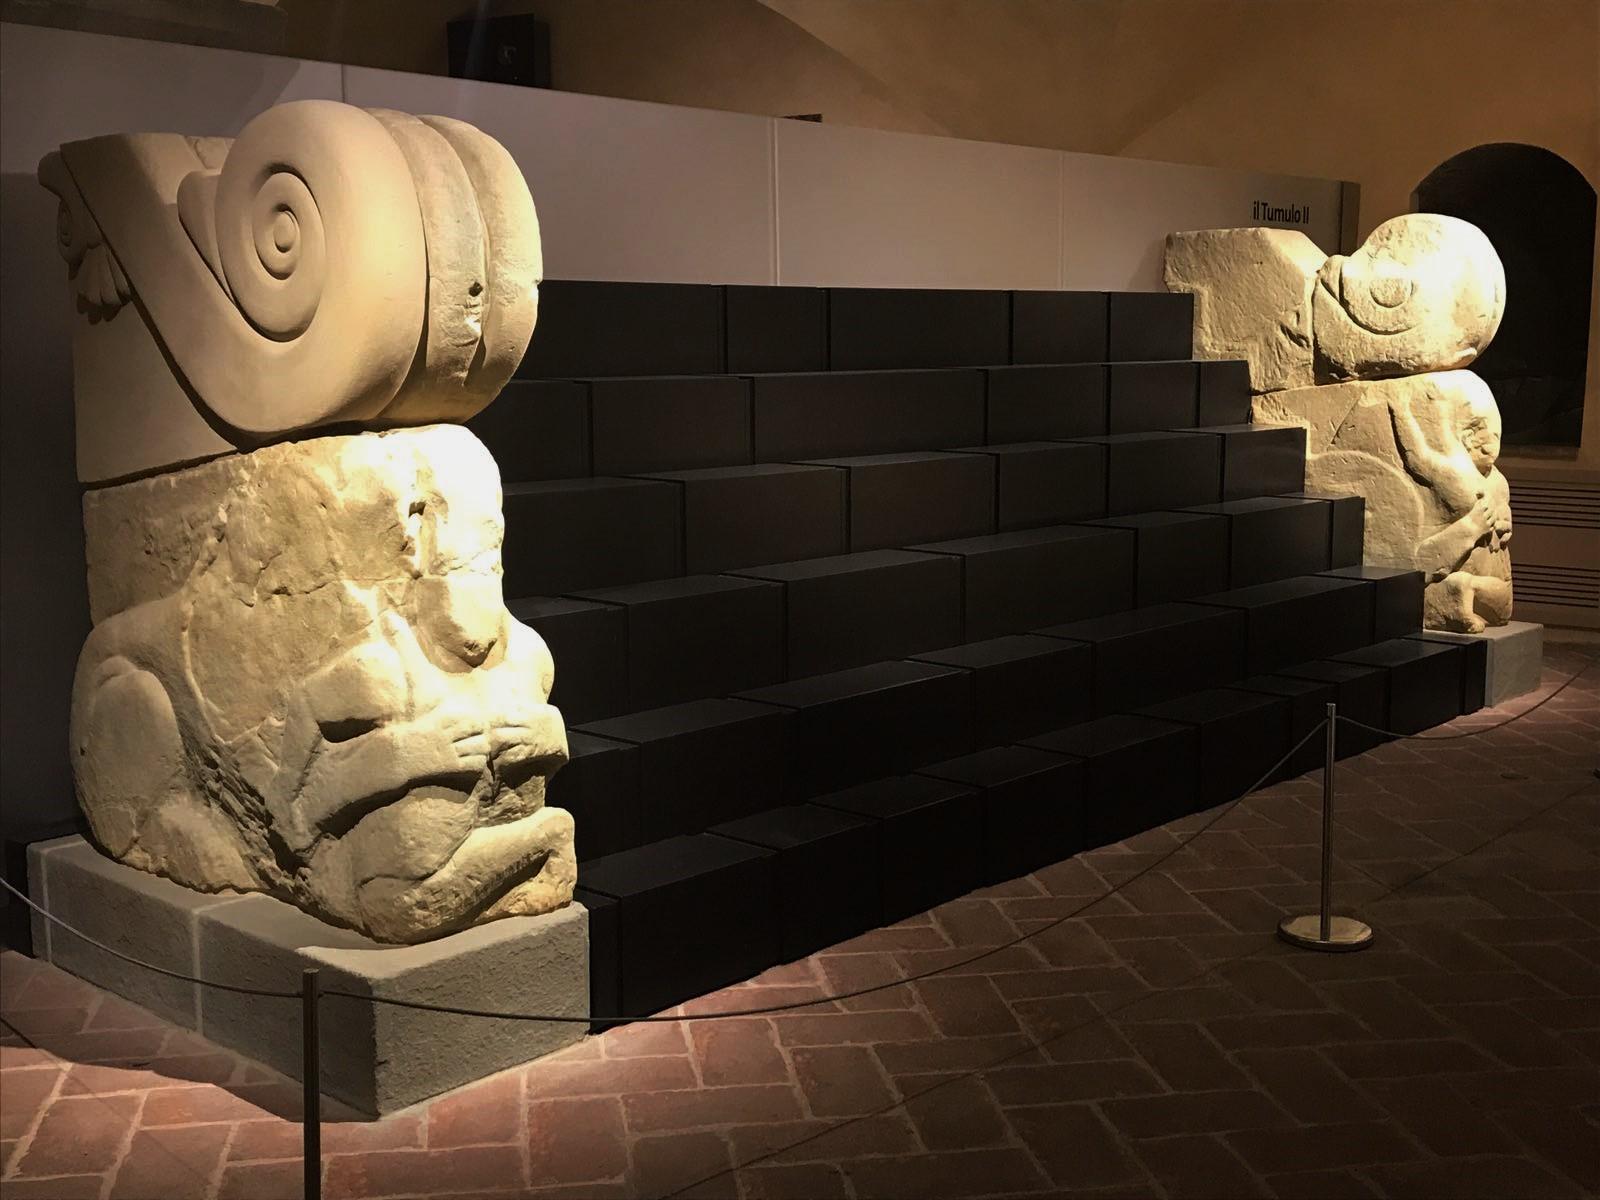 Protocollo d'intesa fra Accademia Etrusca e Fondazione Musei senesi